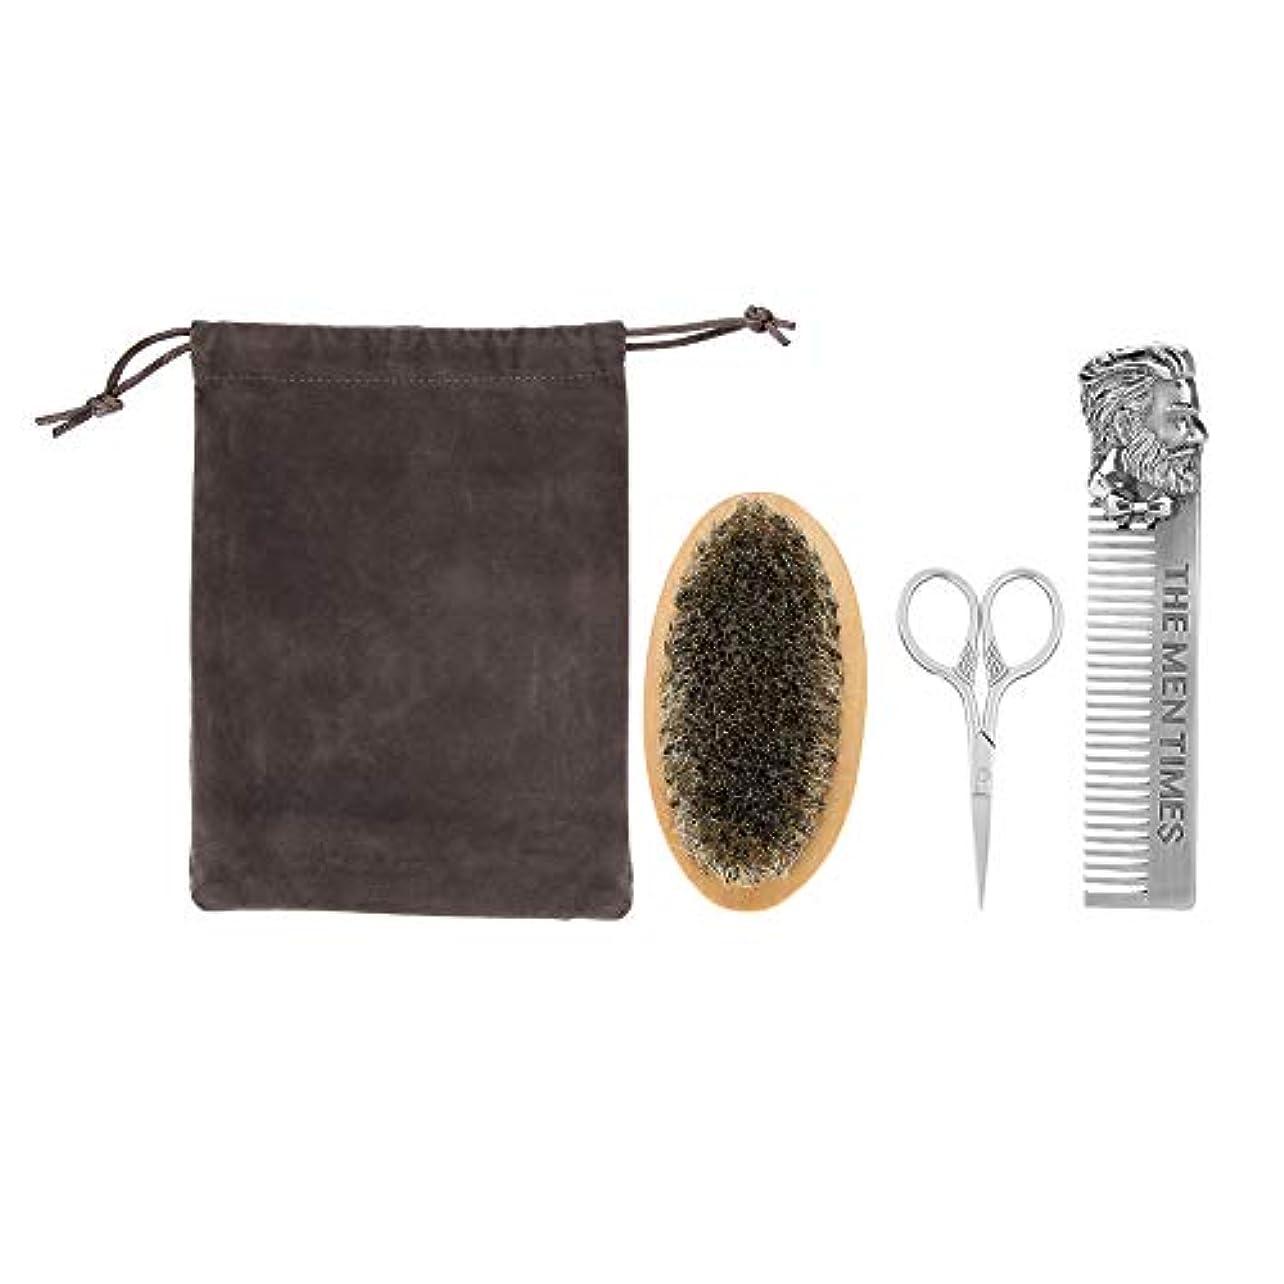 歯科のいうスキャンダルグルーミングスタイリングひげ用のひげクリーニングケアキット